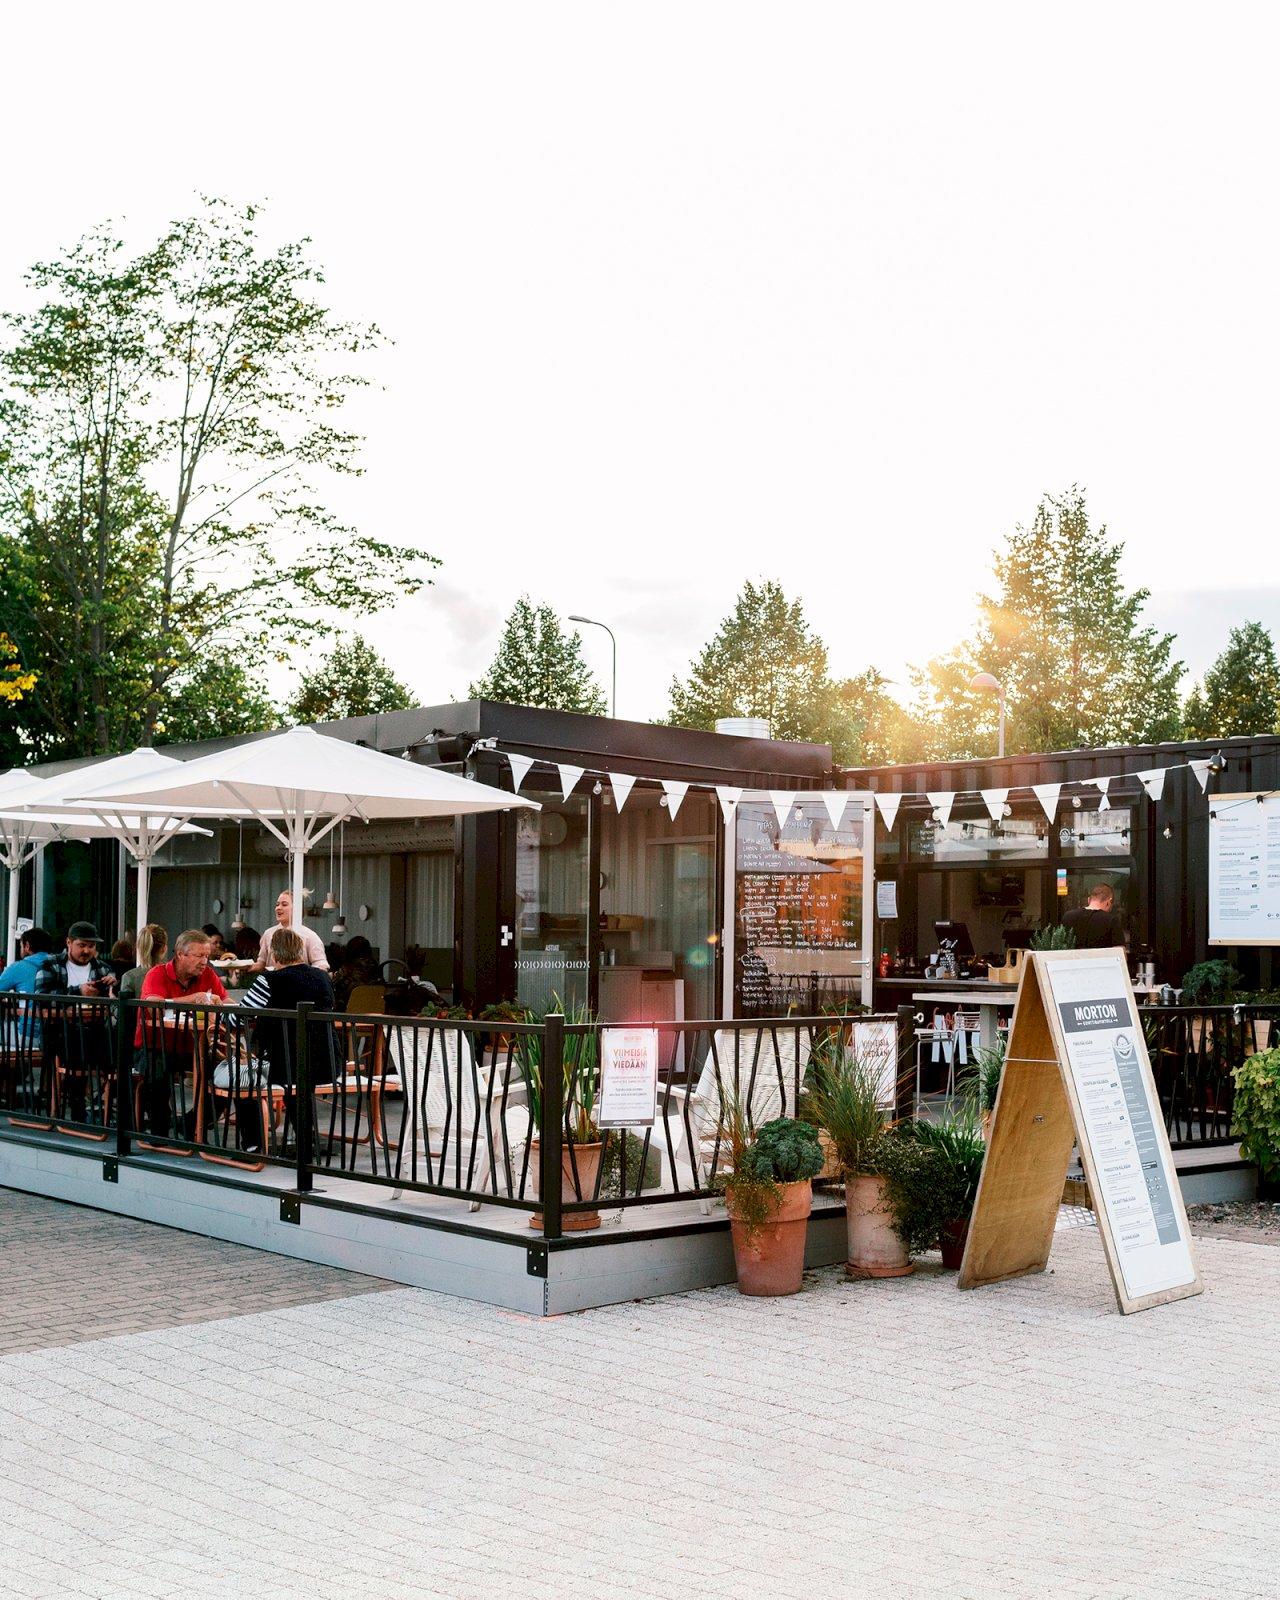 Ihmiset nauttivat kesäpäivästä Konttiravintola Mortonin rantaterassilla Jyväskylässä.